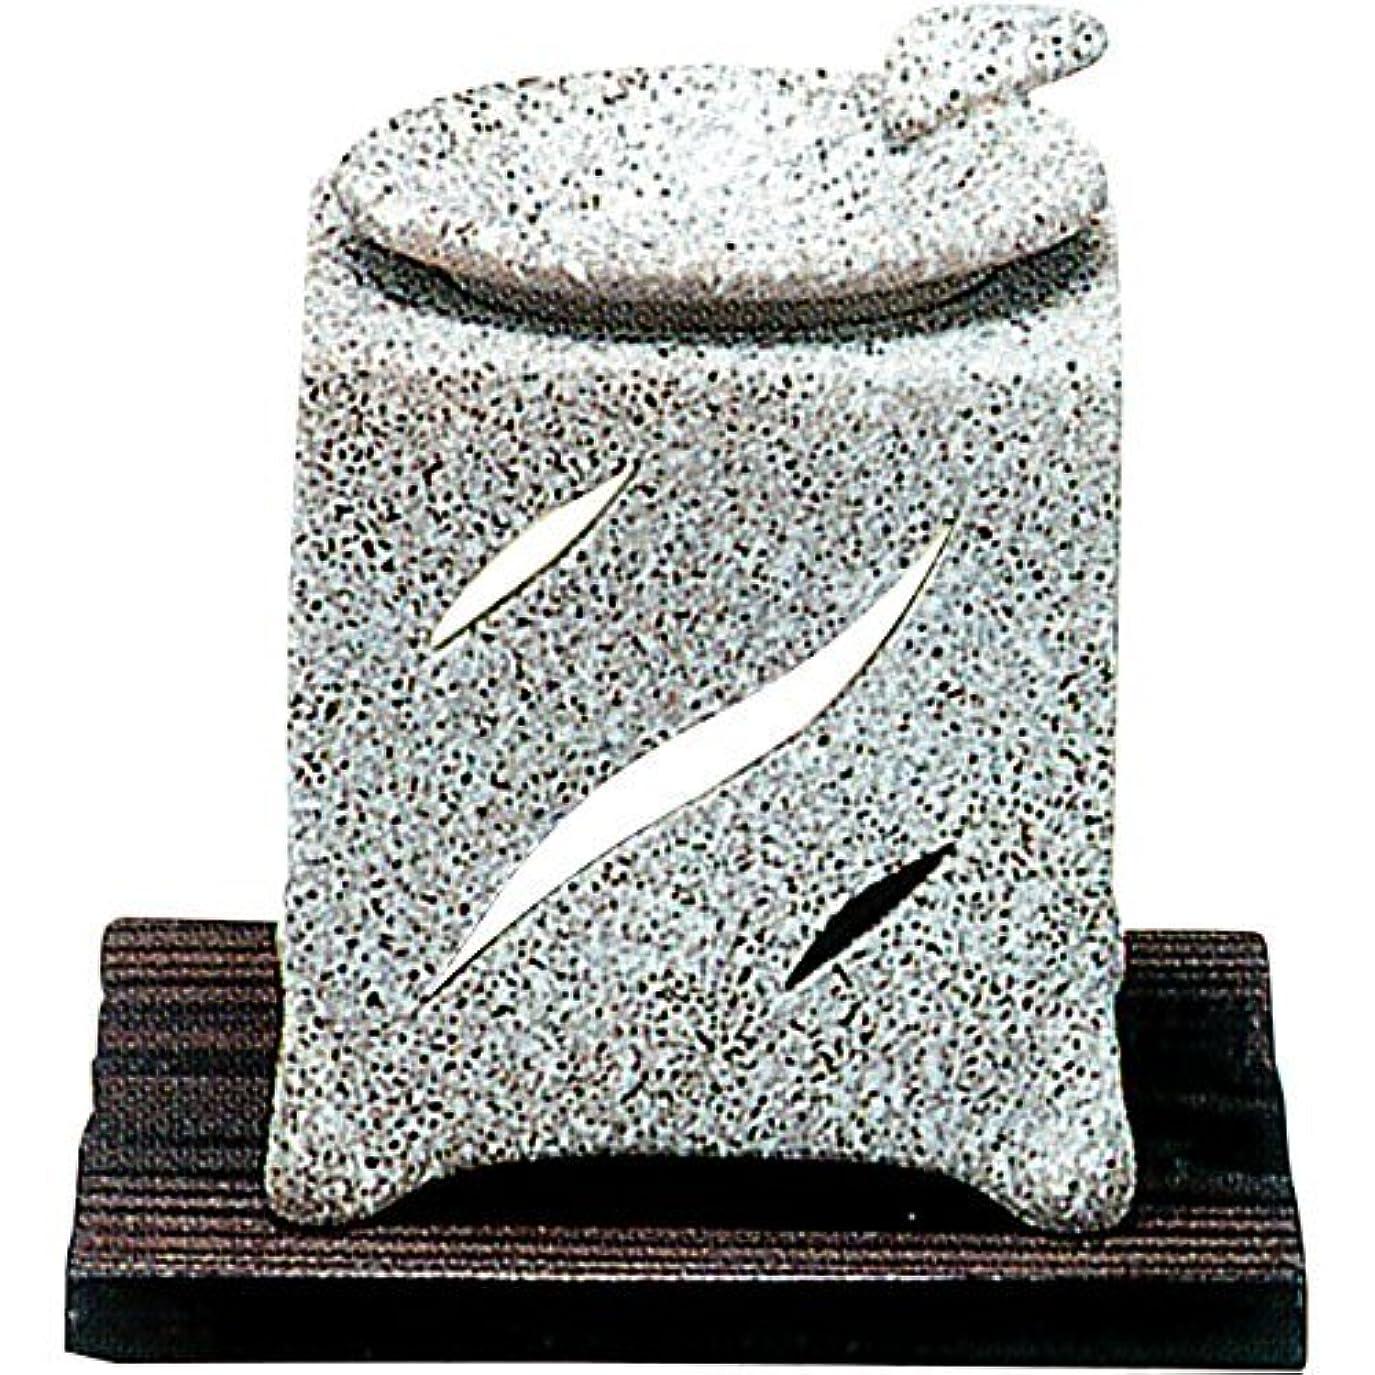 発揮するはぁ音声学常滑焼 5-261 山房石風角形茶香炉 山房10×10×H12㎝